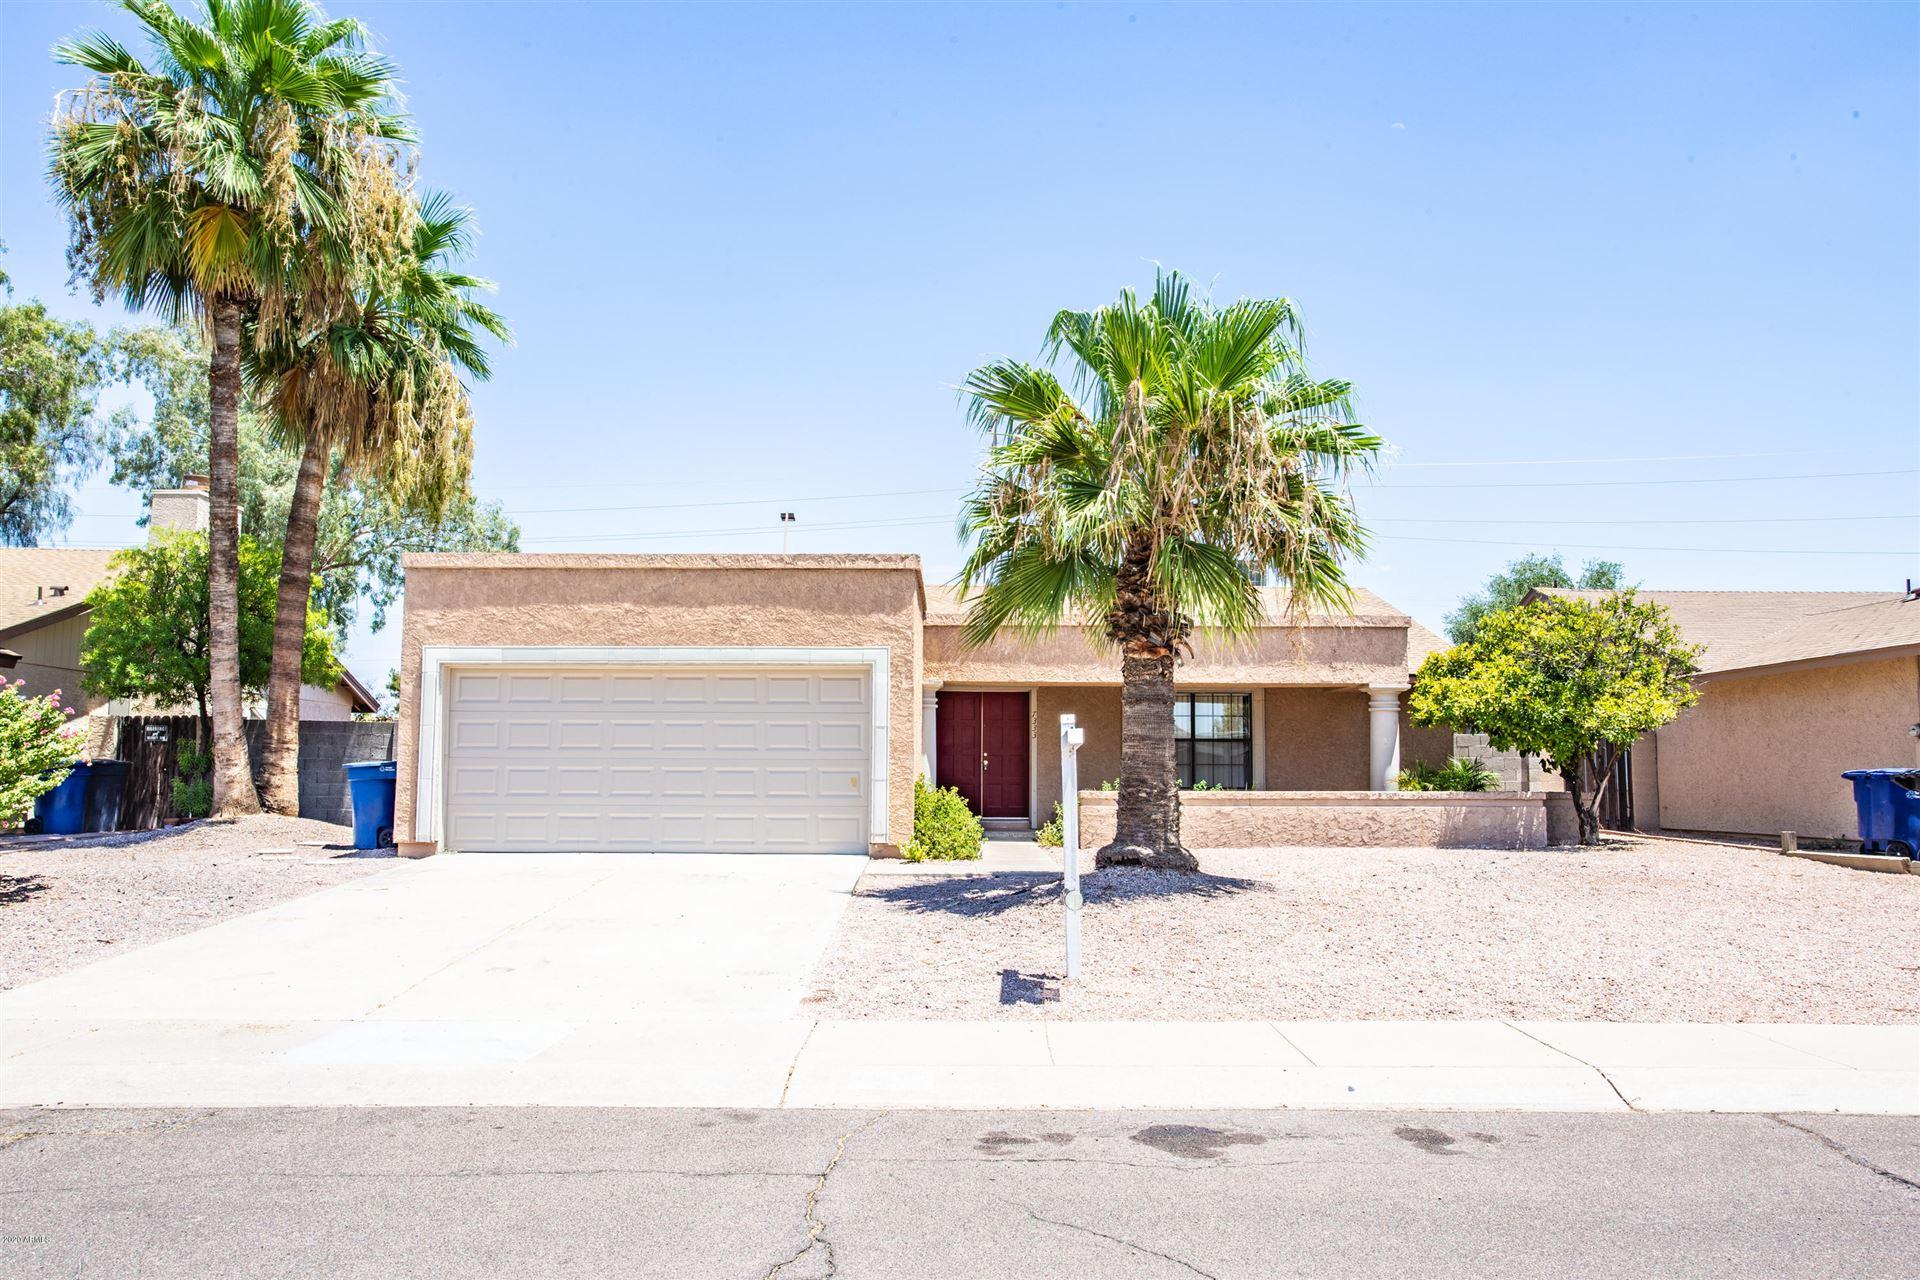 7333 S PALM Drive, Tempe, AZ 85283 - #: 6098733